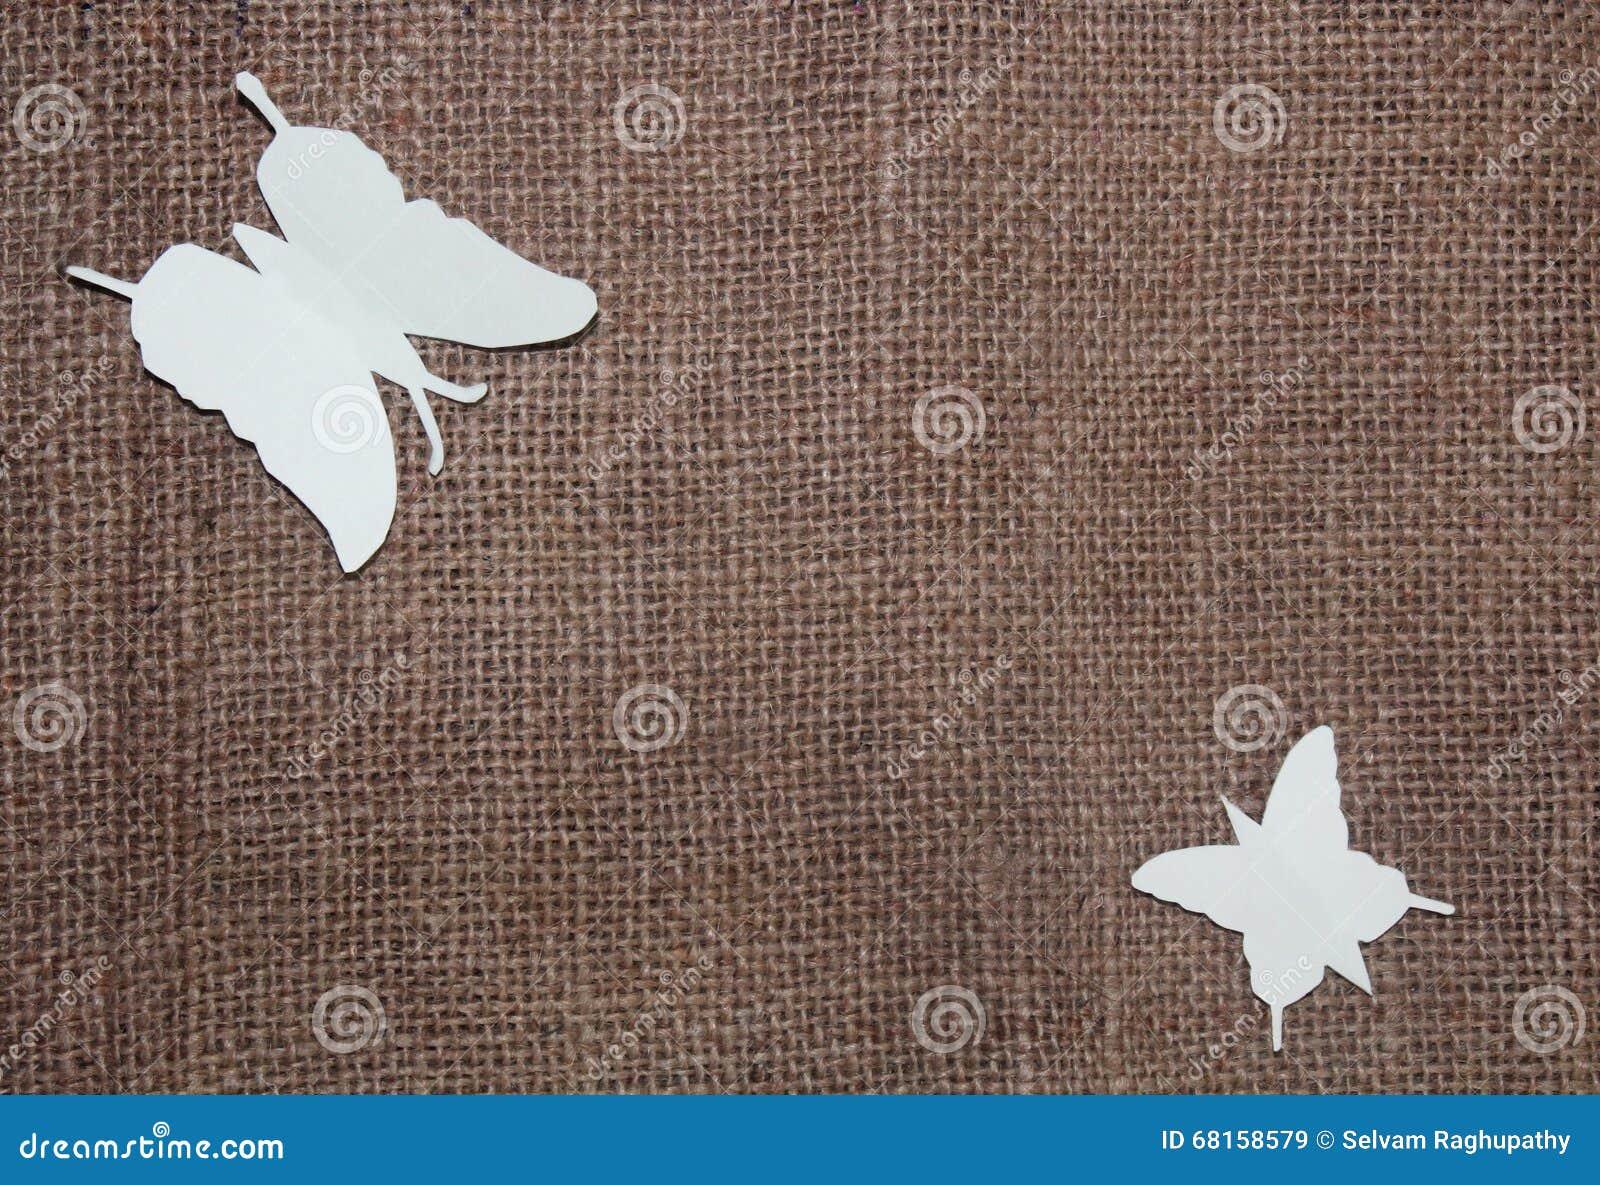 Document vlinders op jutedoek